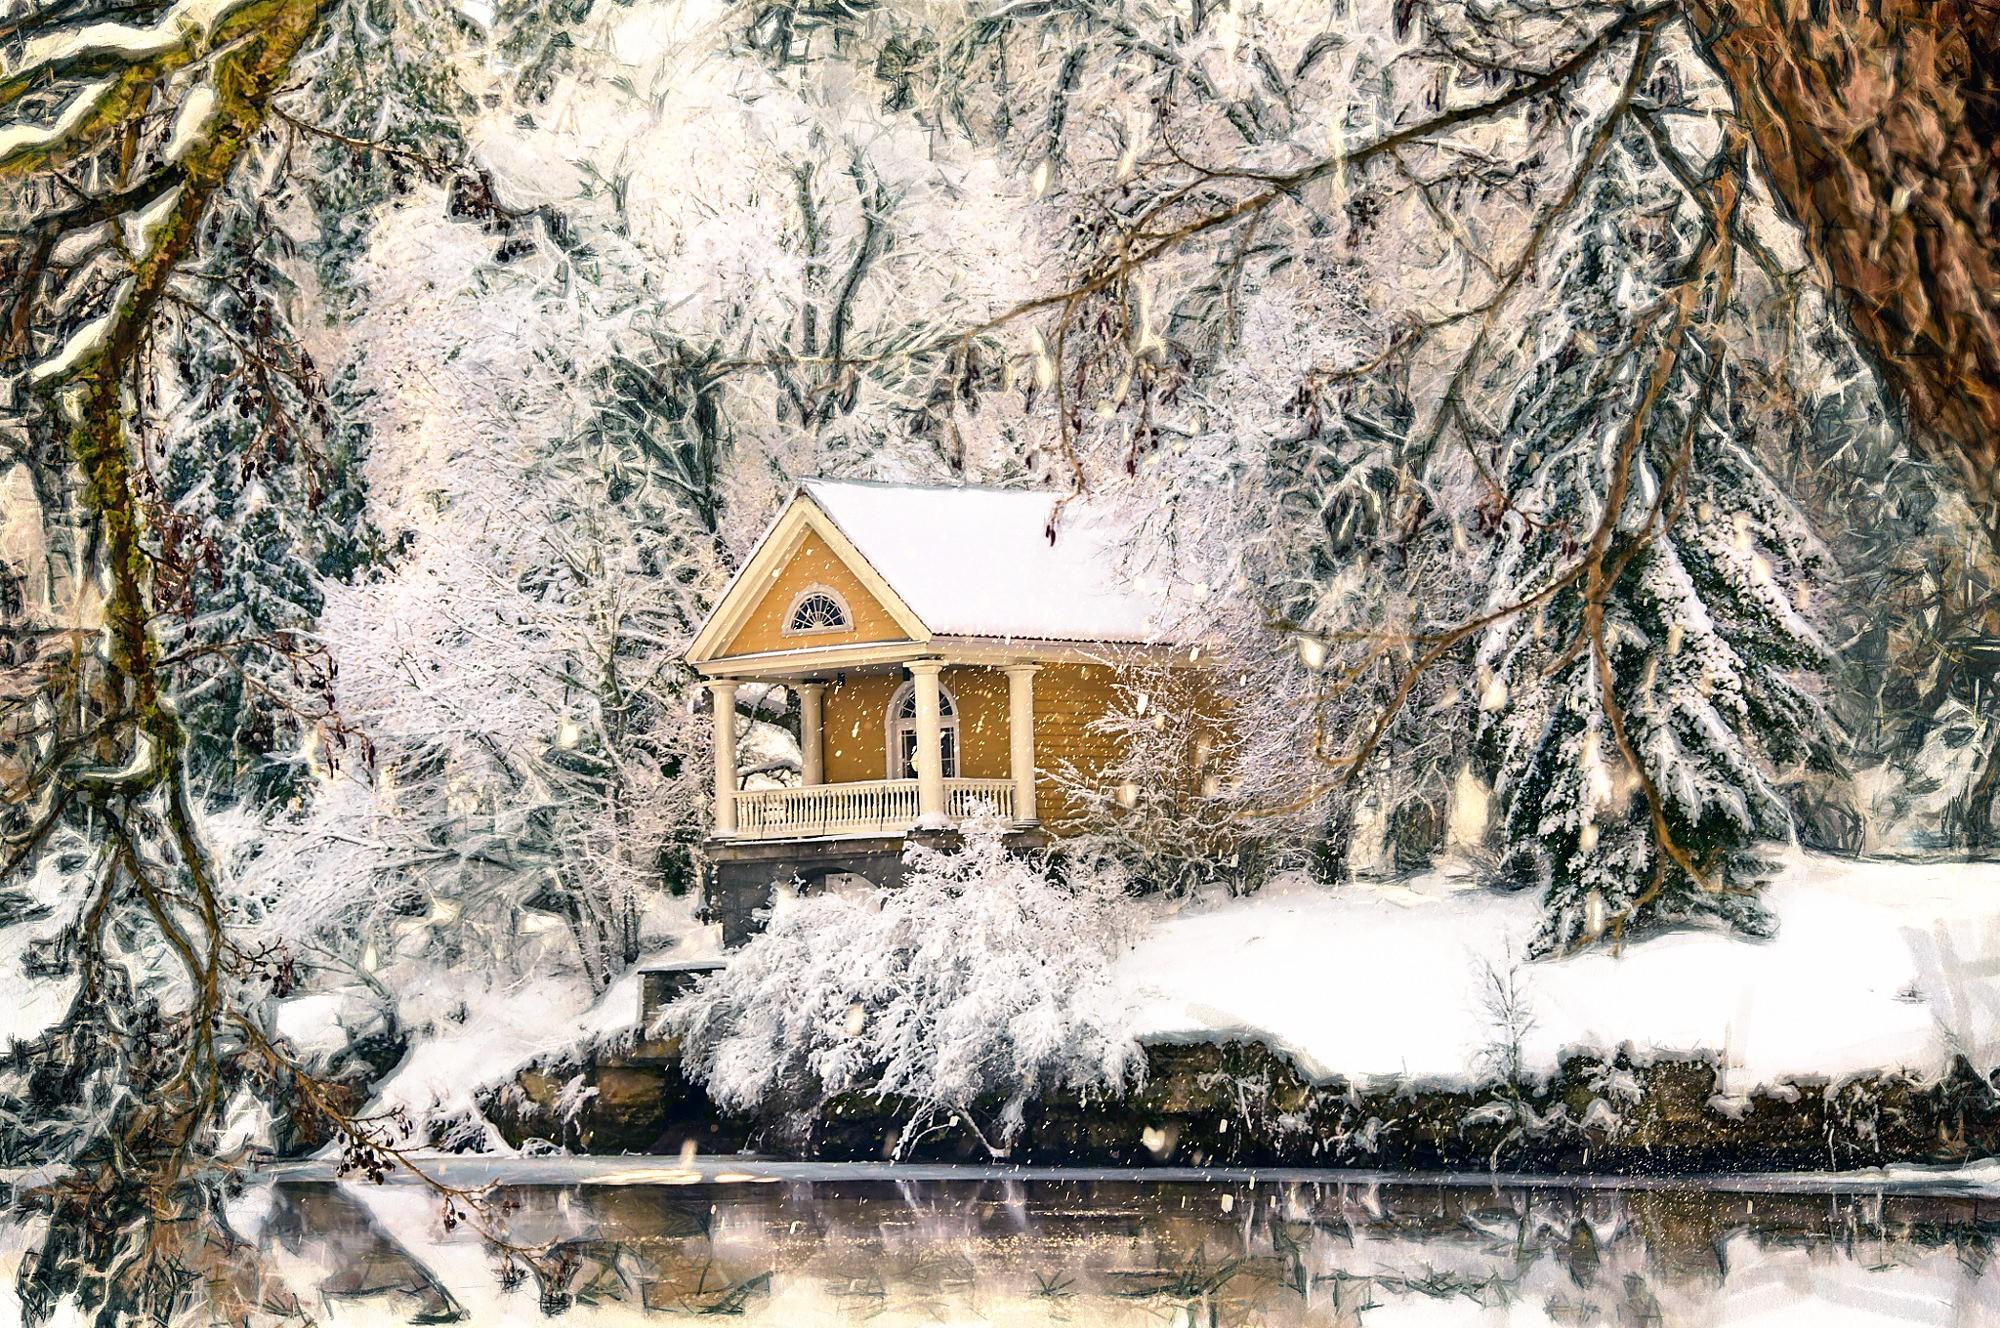 еще зимние пейзажи с домами картинки и фото данный момент основу